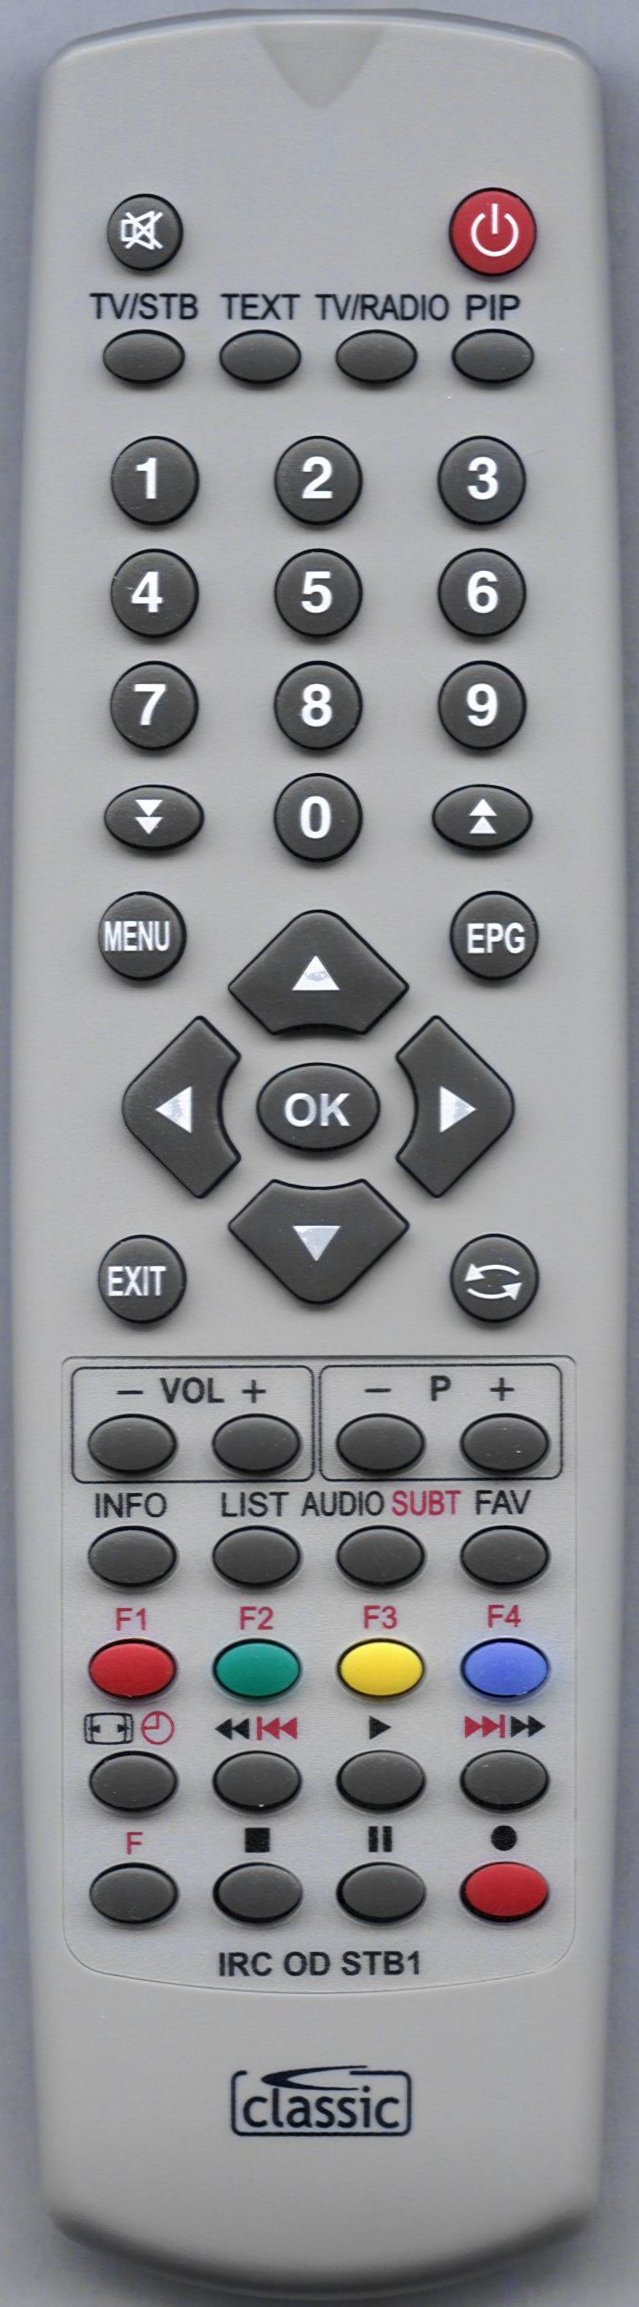 Topfield SRP-2401CI+ SMART URBAN Remote Control